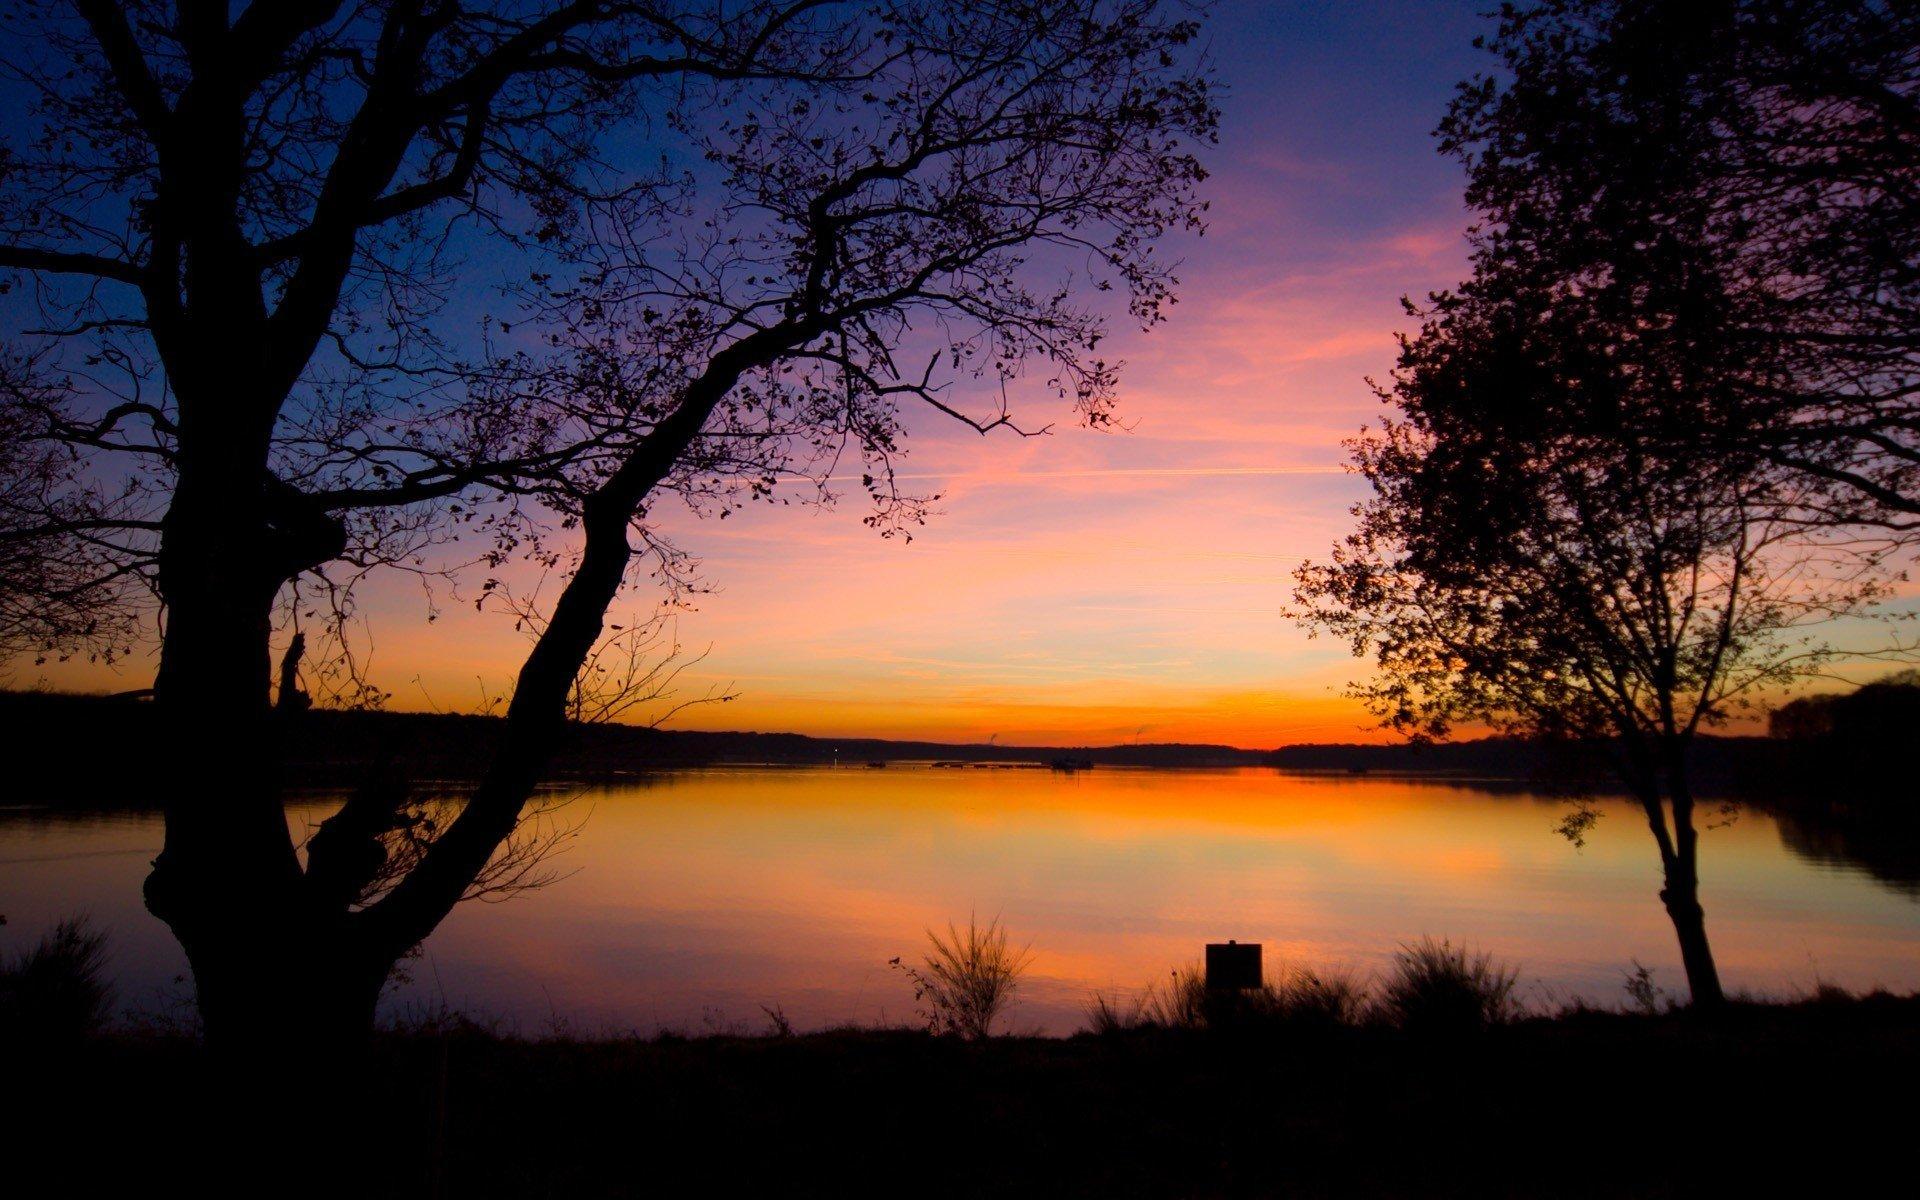 Закат озеро деревья скачать